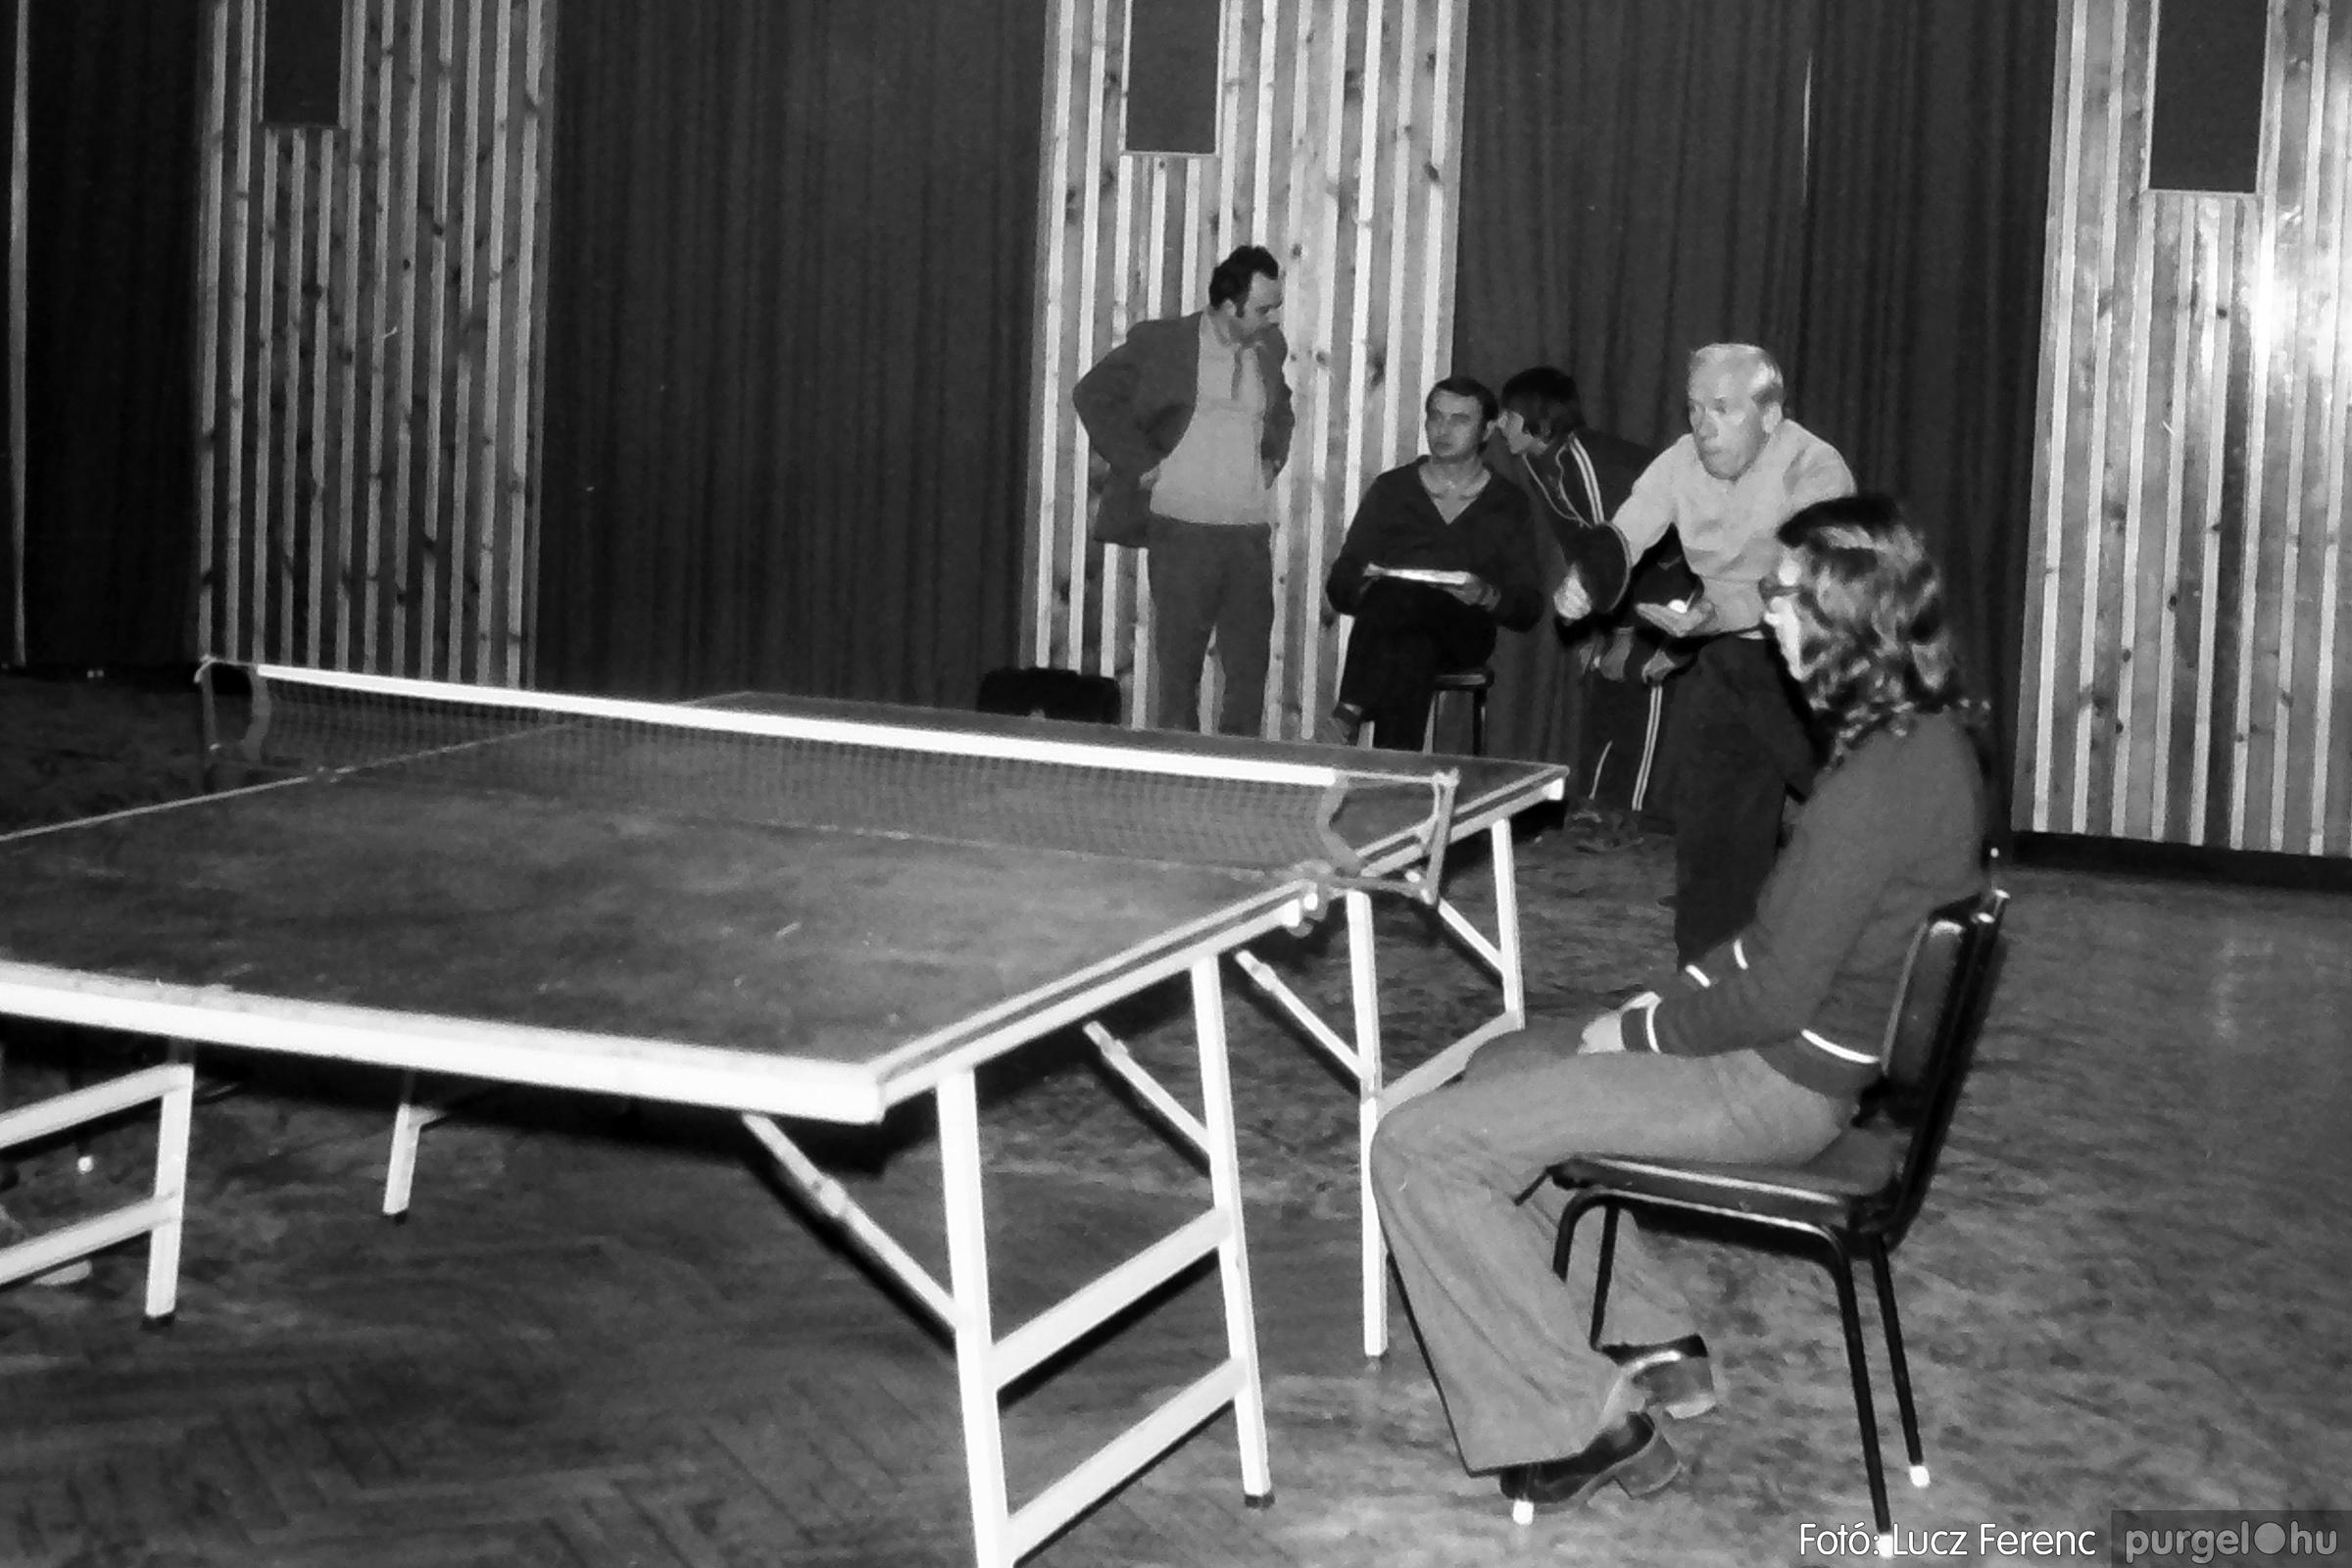 073. 1977. Asztaltenisz verseny 012. - Fotó: Lucz Ferenc.jpg